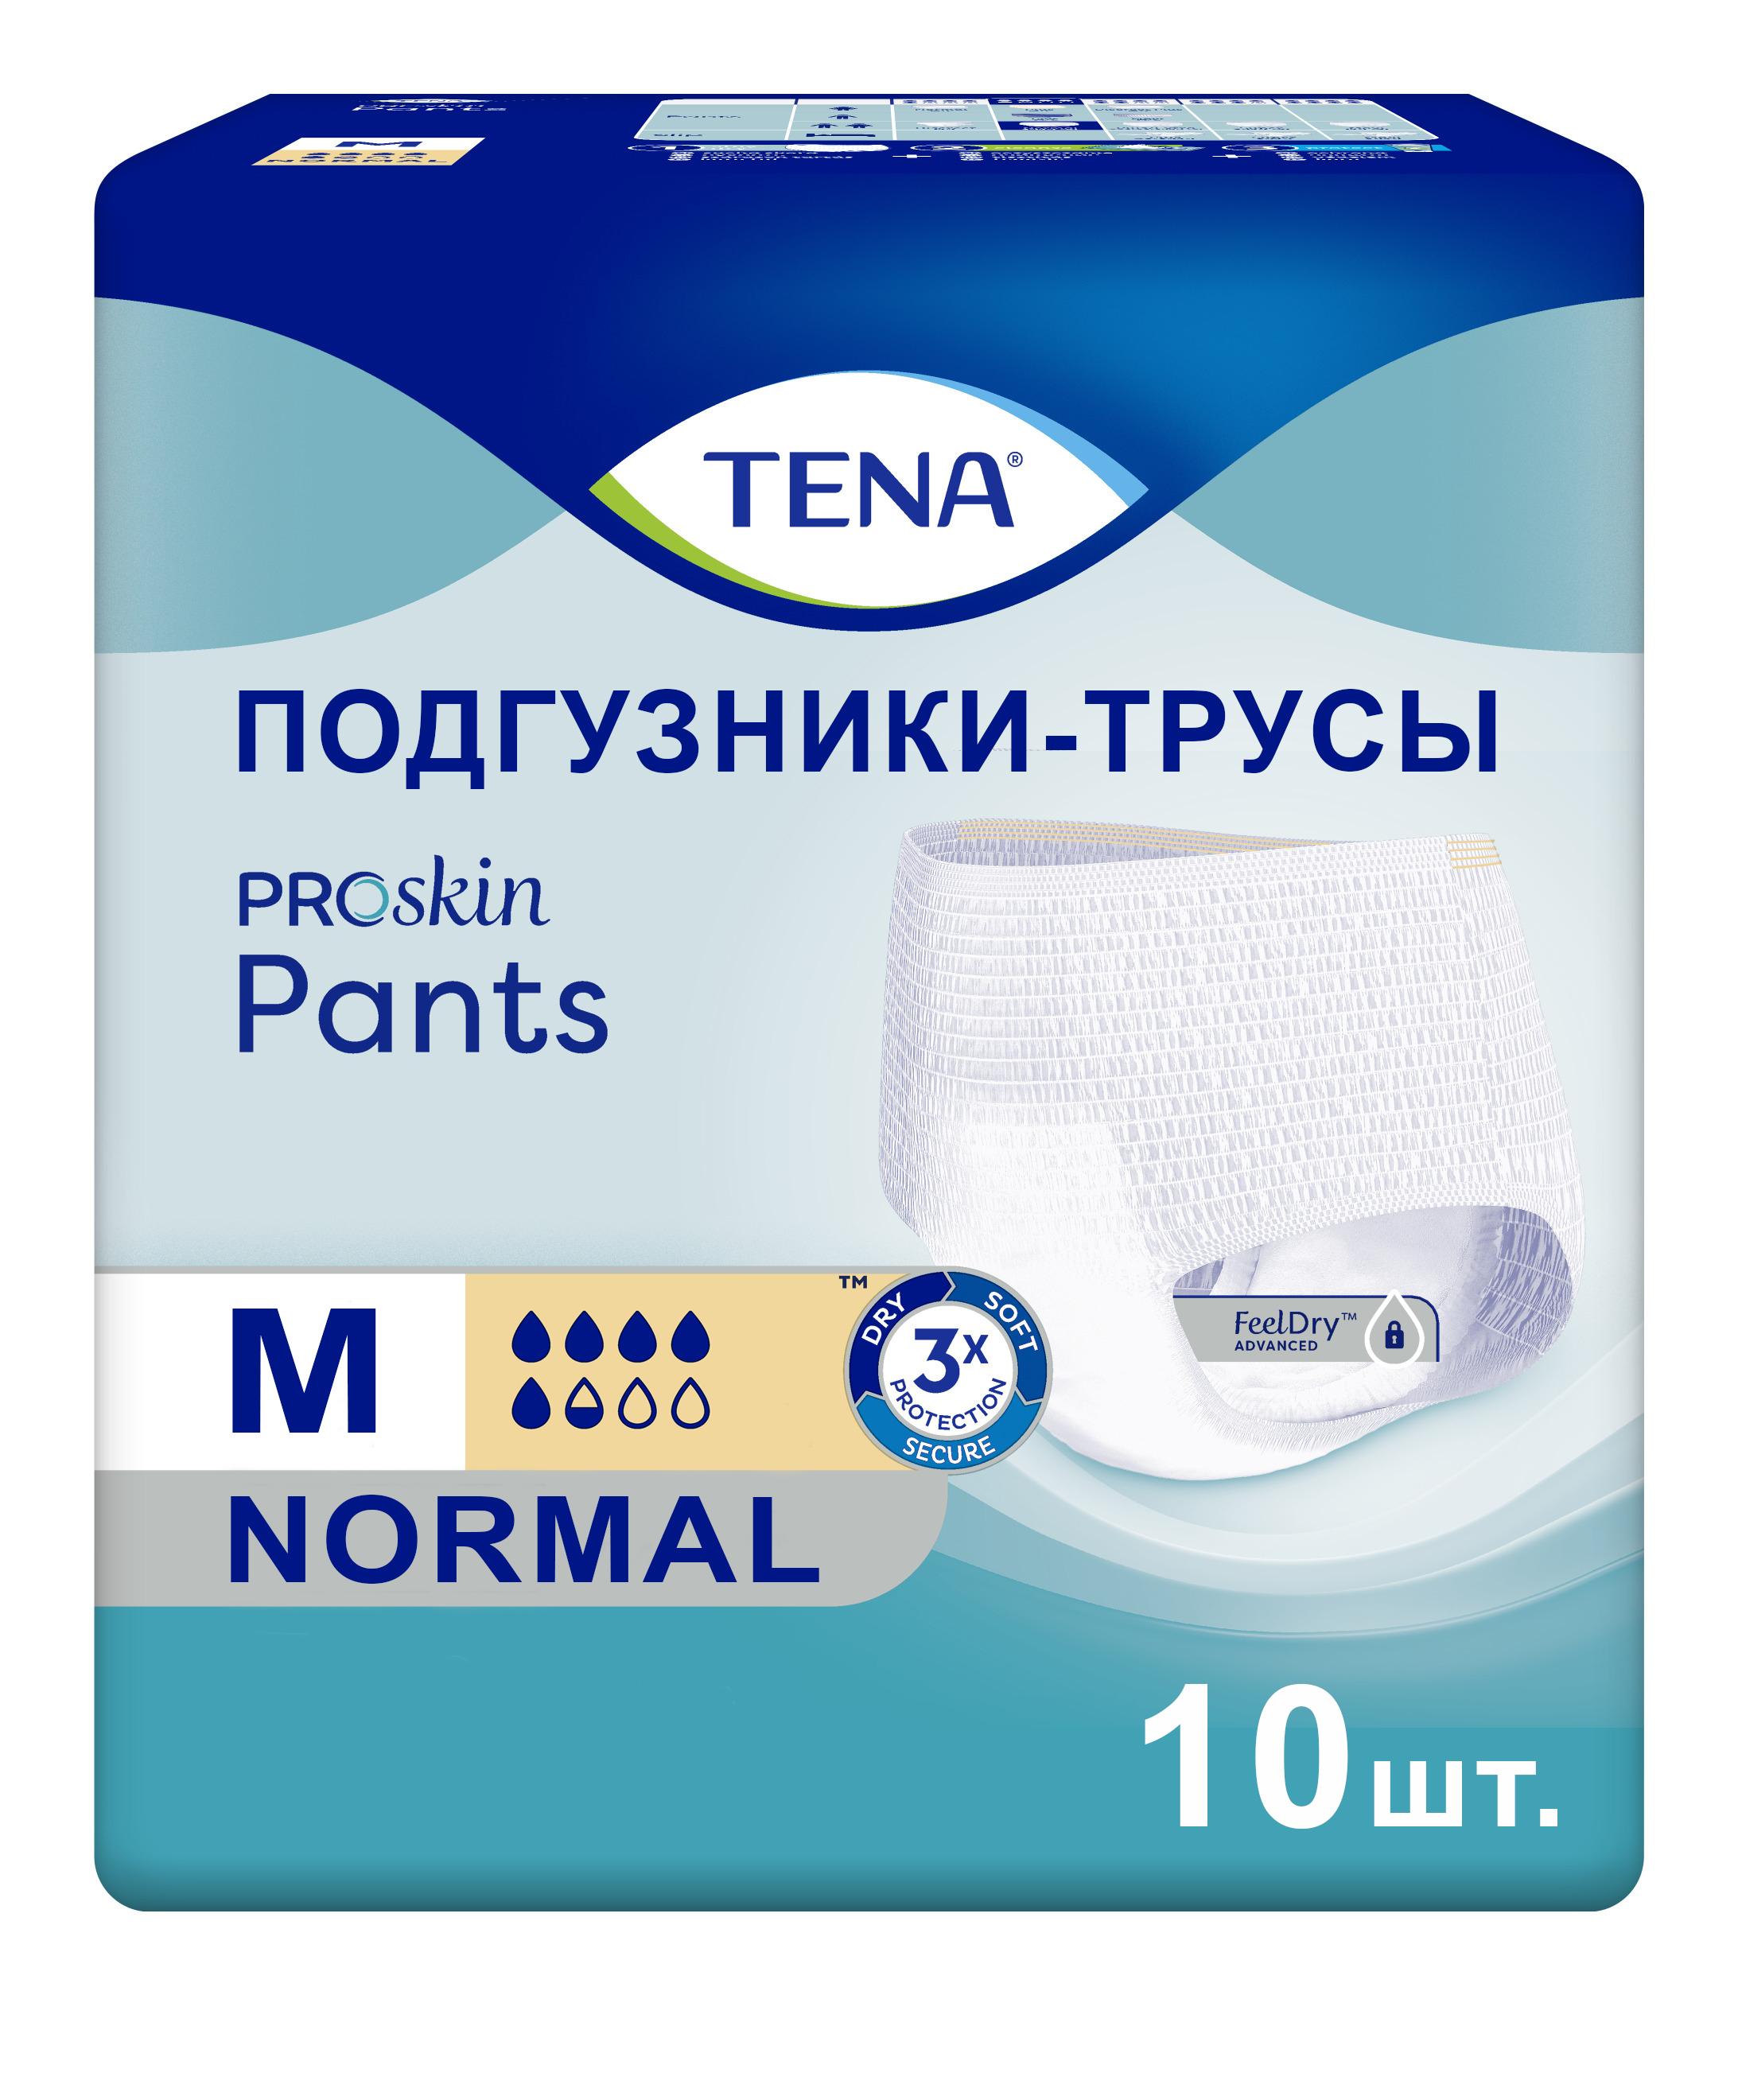 Купить Подгузники для взрослых TENA Pants Normal трусики М 10 шт.